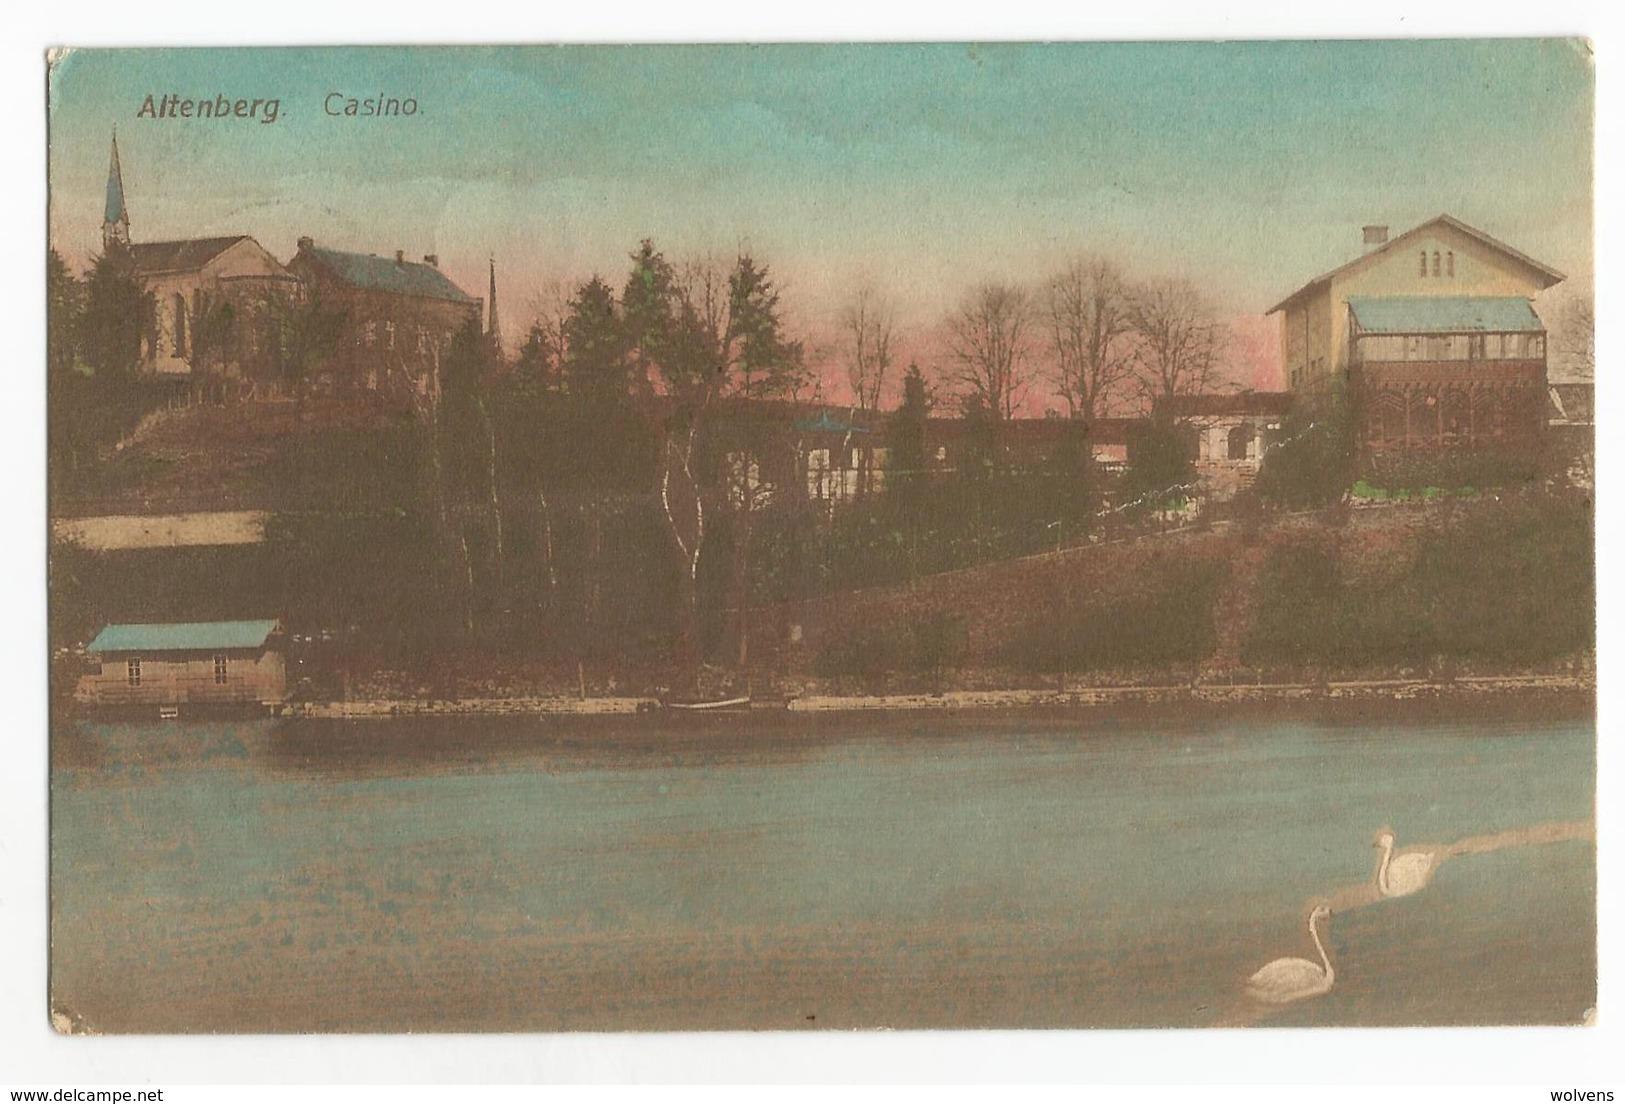 Altenberg Casino Carte Postale Ancienne Kelmis - La Calamine - Kelmis